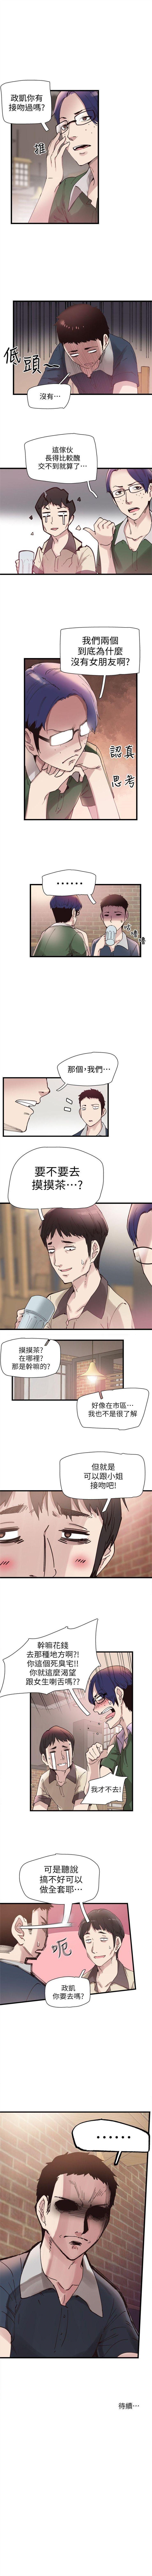 校园live秀 1-20 中文翻译(更新中) 44